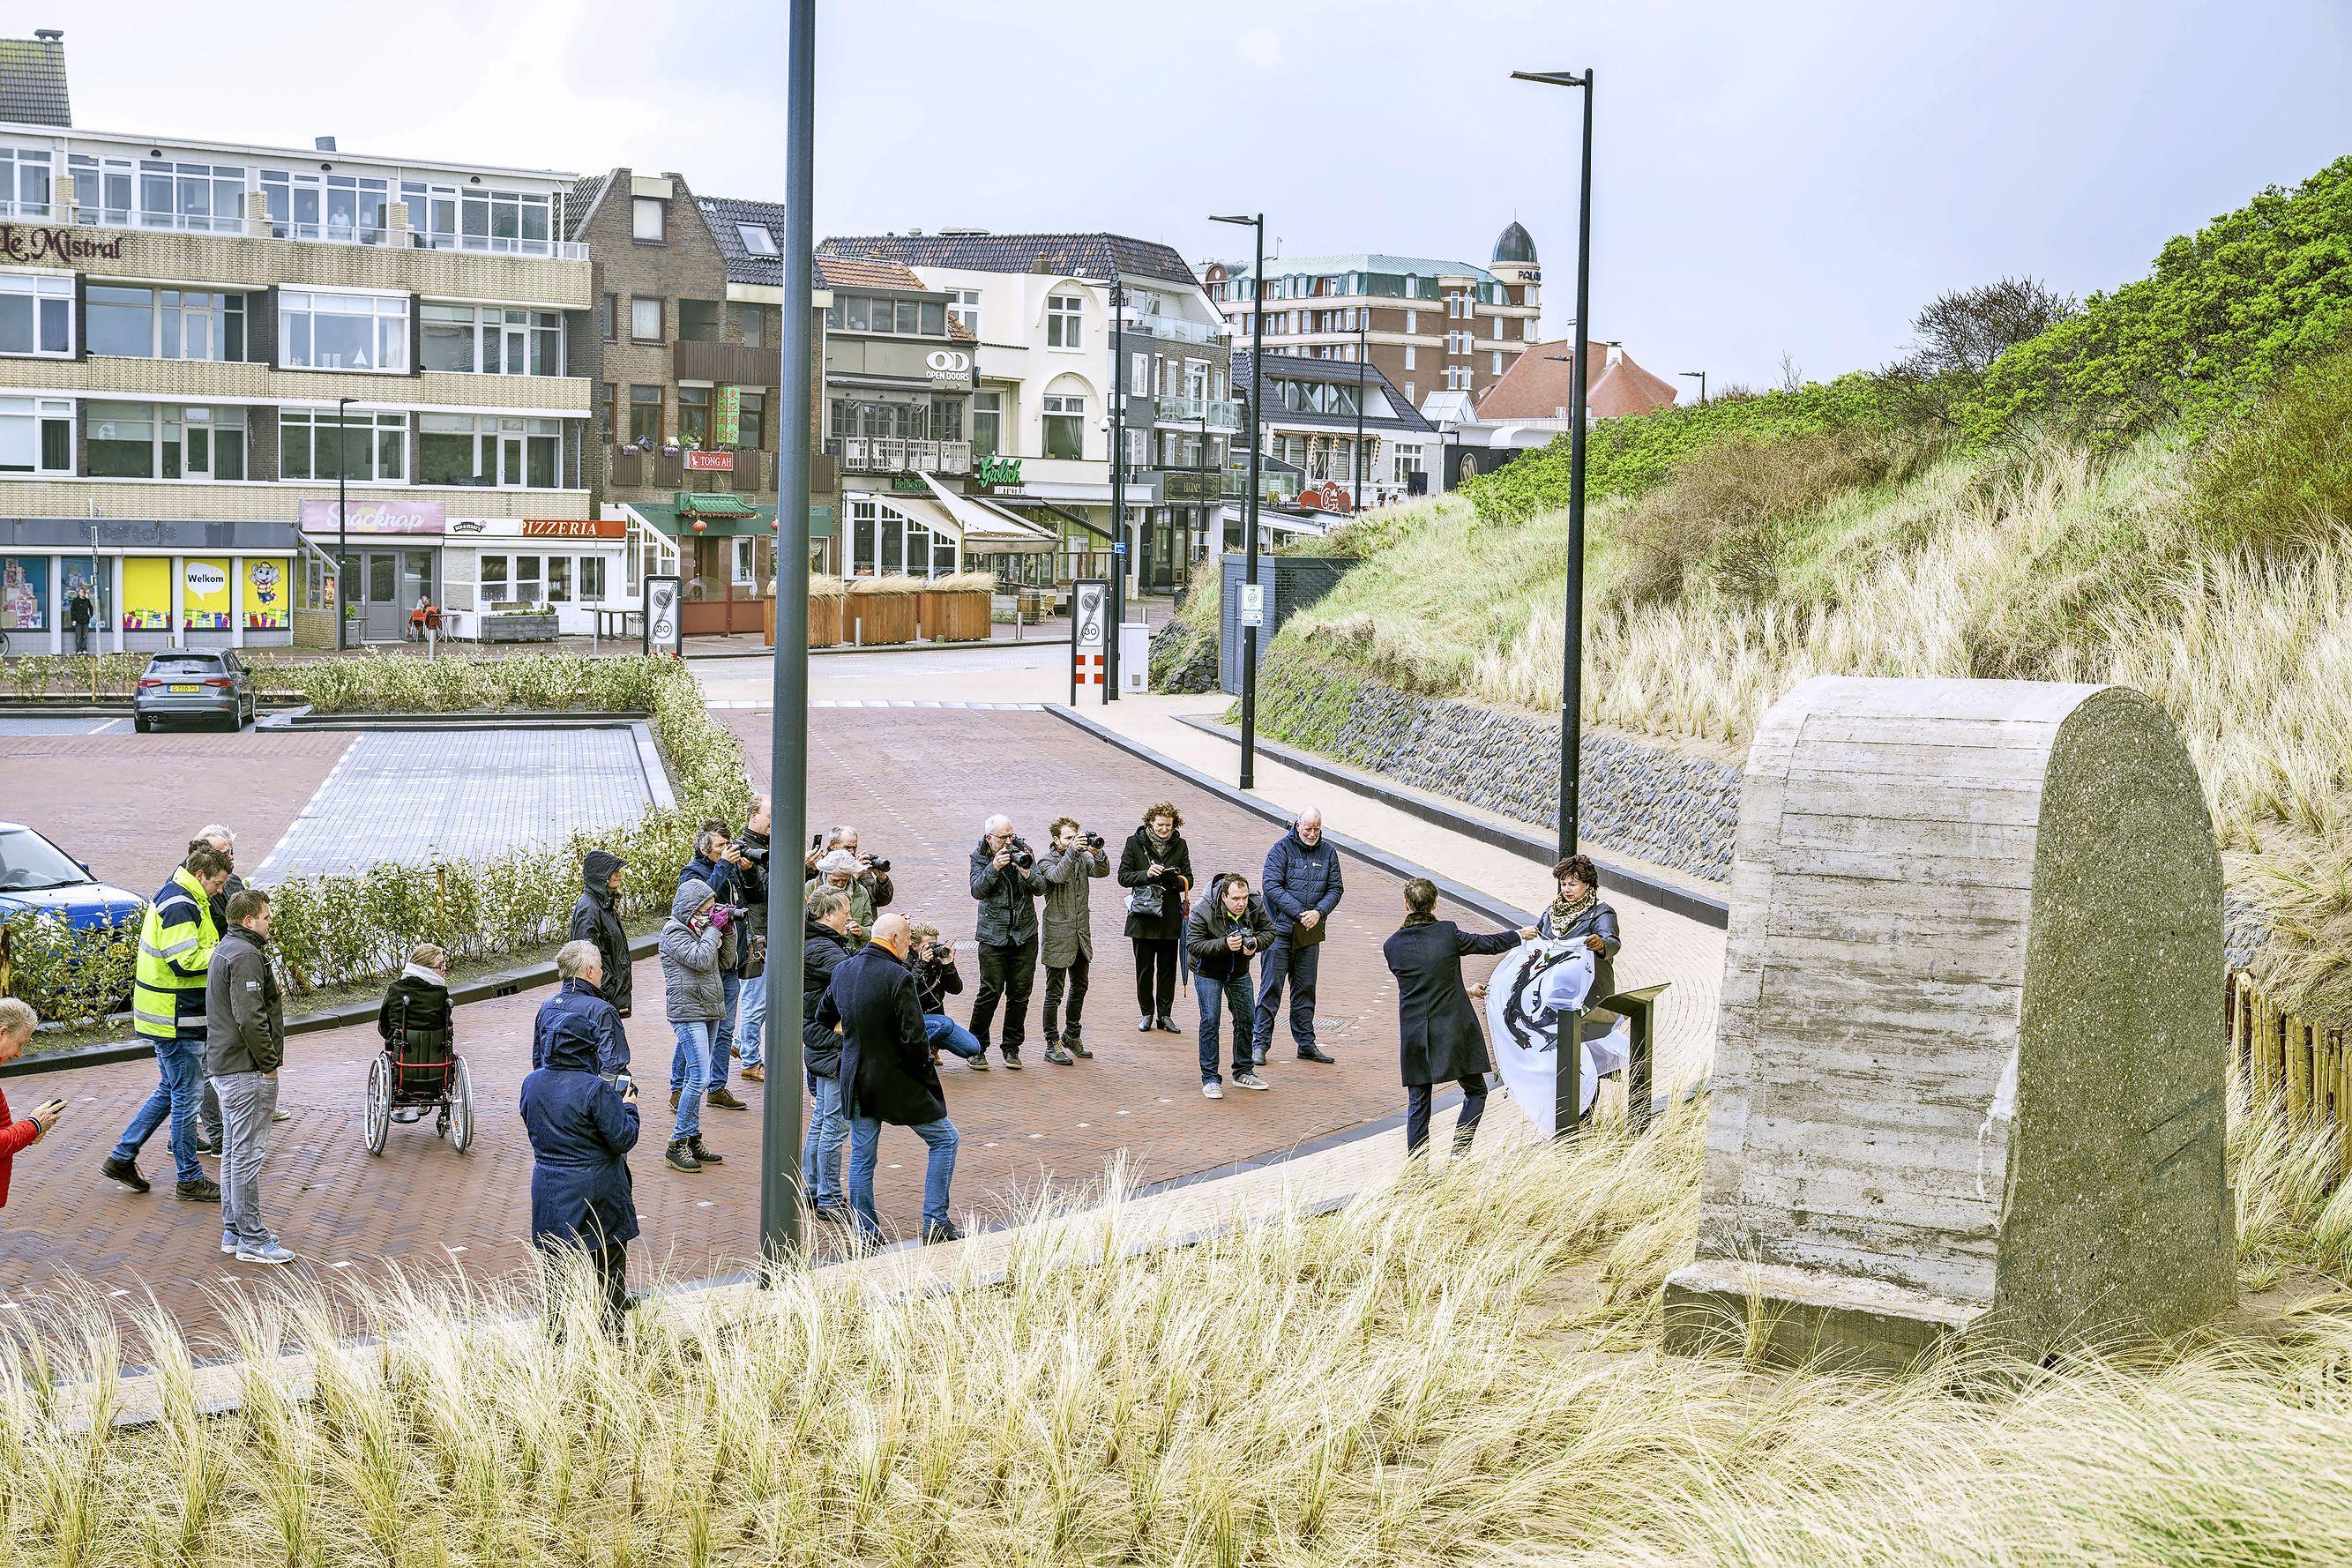 Informatiepaneel bij deel Atlantikwall onthuld: 'Het uiteindelijke verhaal omvat meer dan een brok beton'